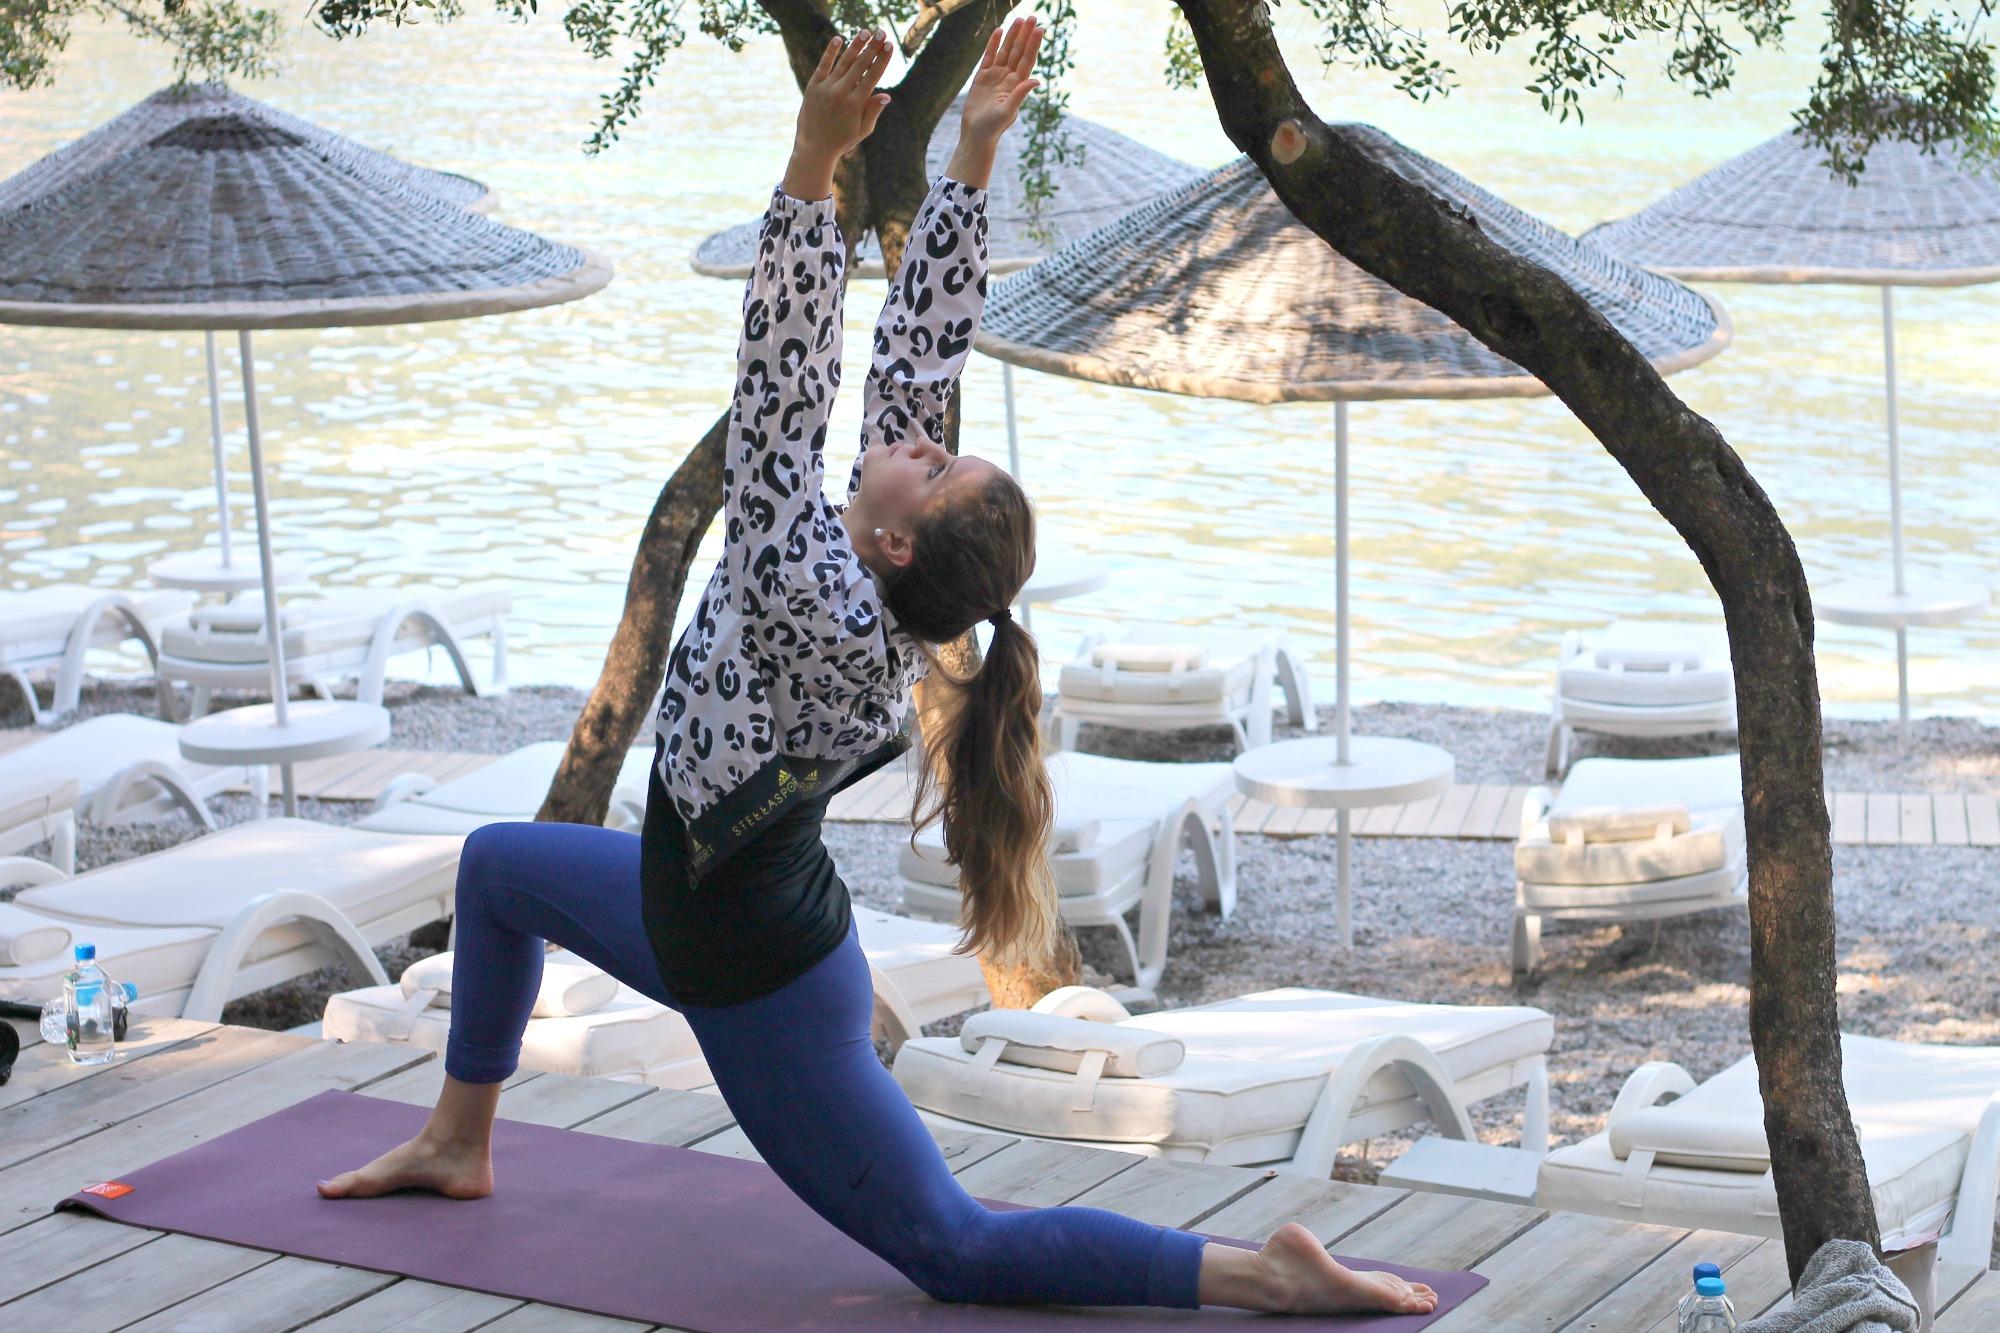 klara-fuchs-yoga-fitnessblog-blogging-blog-sport-fitness-gesundheit-training-persönlichkeitsentwicklung-1